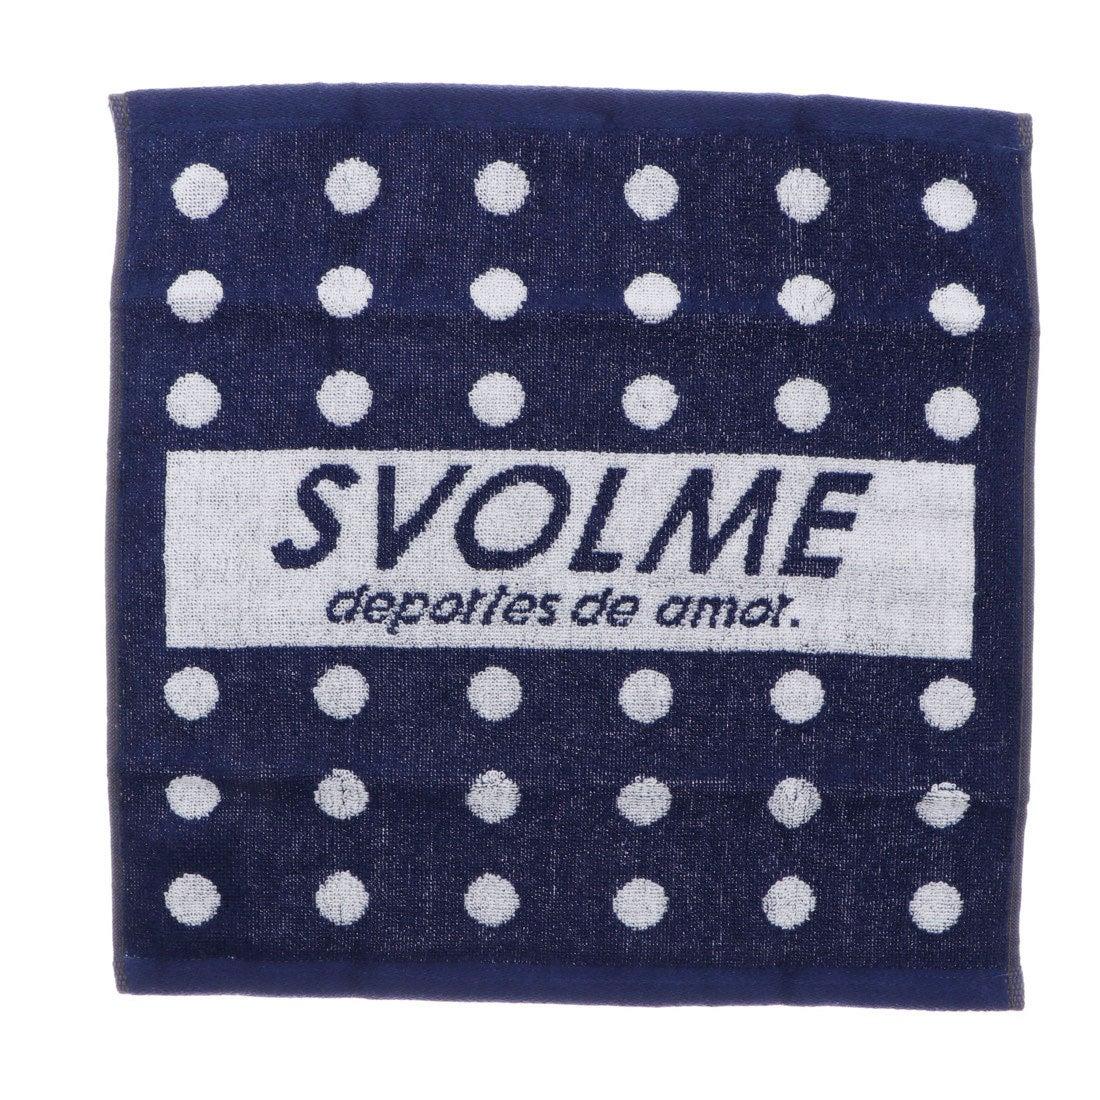 スボルメ SVOLME サッカー フットサル ウェア小物 ハンドタオル 181-68129